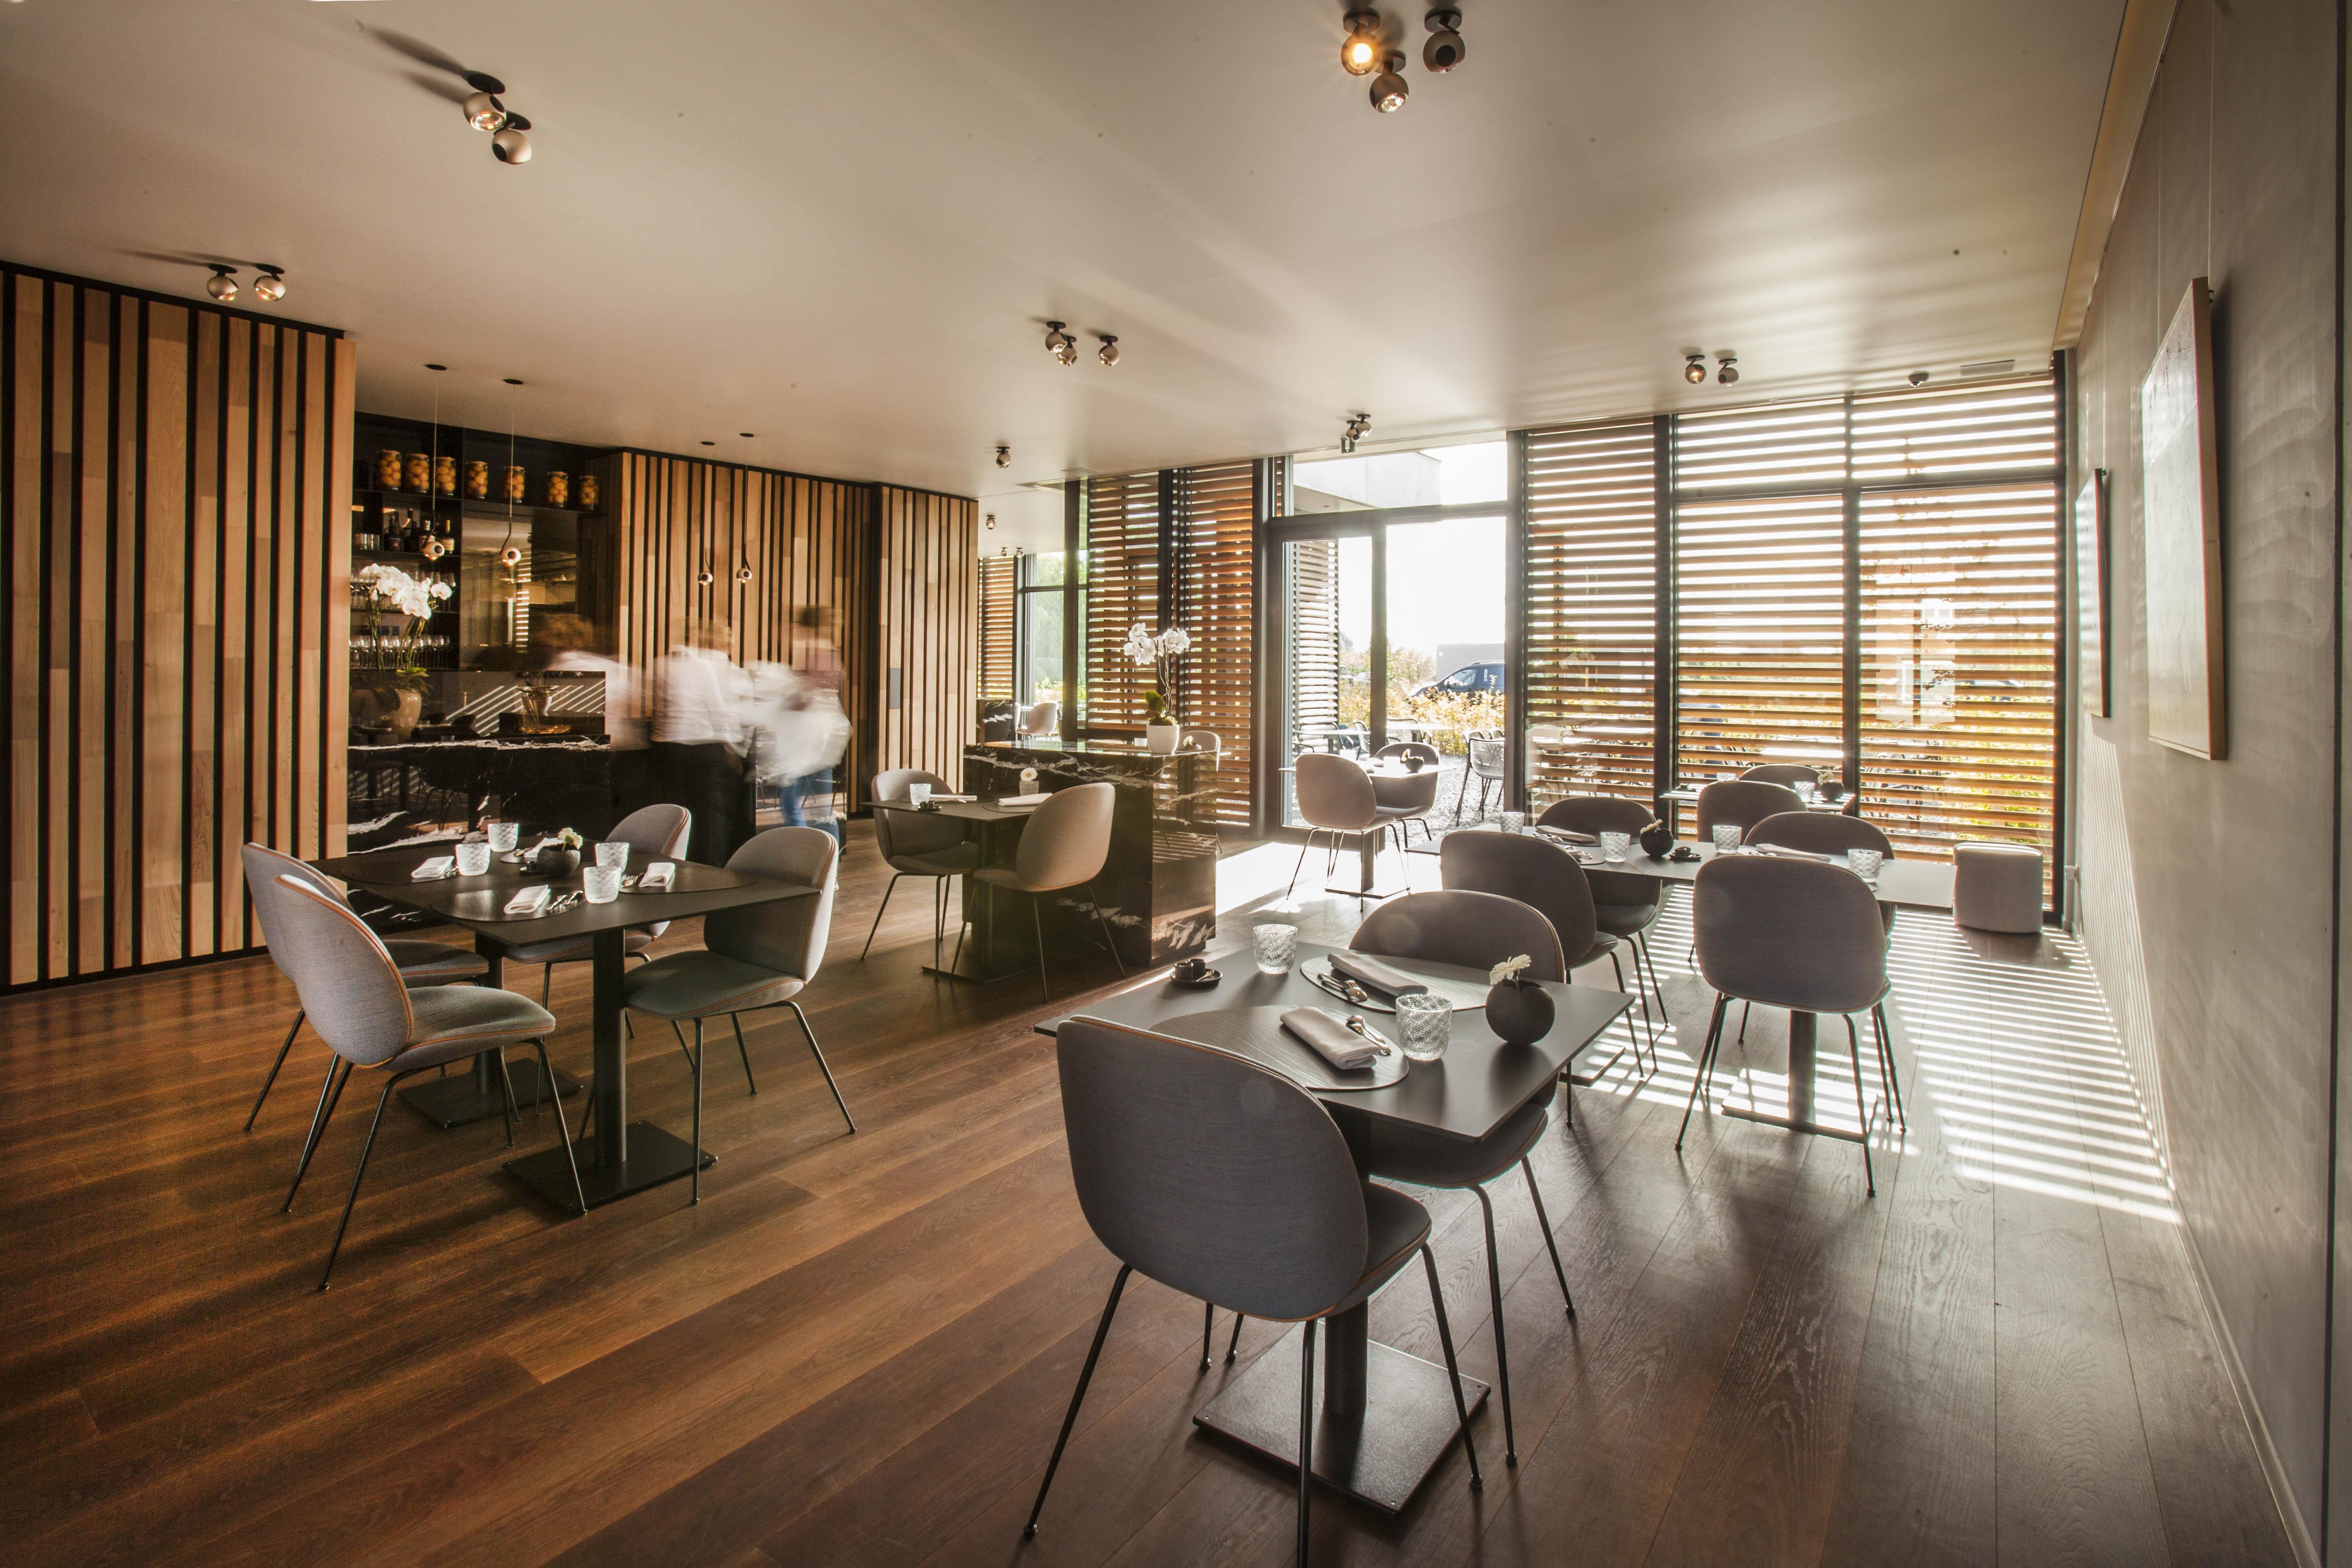 bij het binnenkomen in het restaurant wordt je begeleid door de houten wand die zich ontvouwd doorheen het interieur tevens is deze houten leidraad een